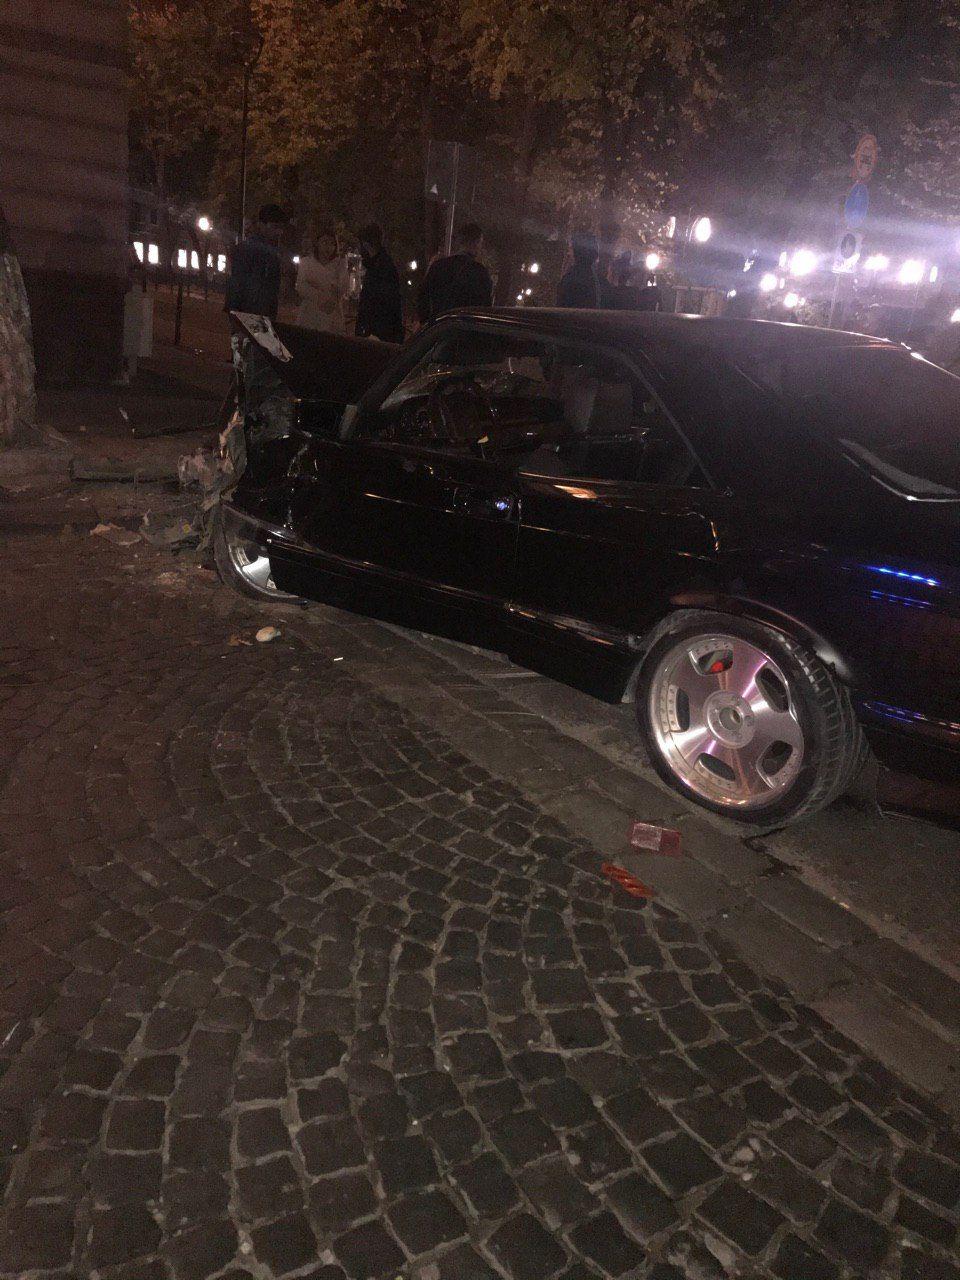 Вночі у центрі Франківська розбився Мерседес, є травмовані (ФОТО, ВІДЕО)